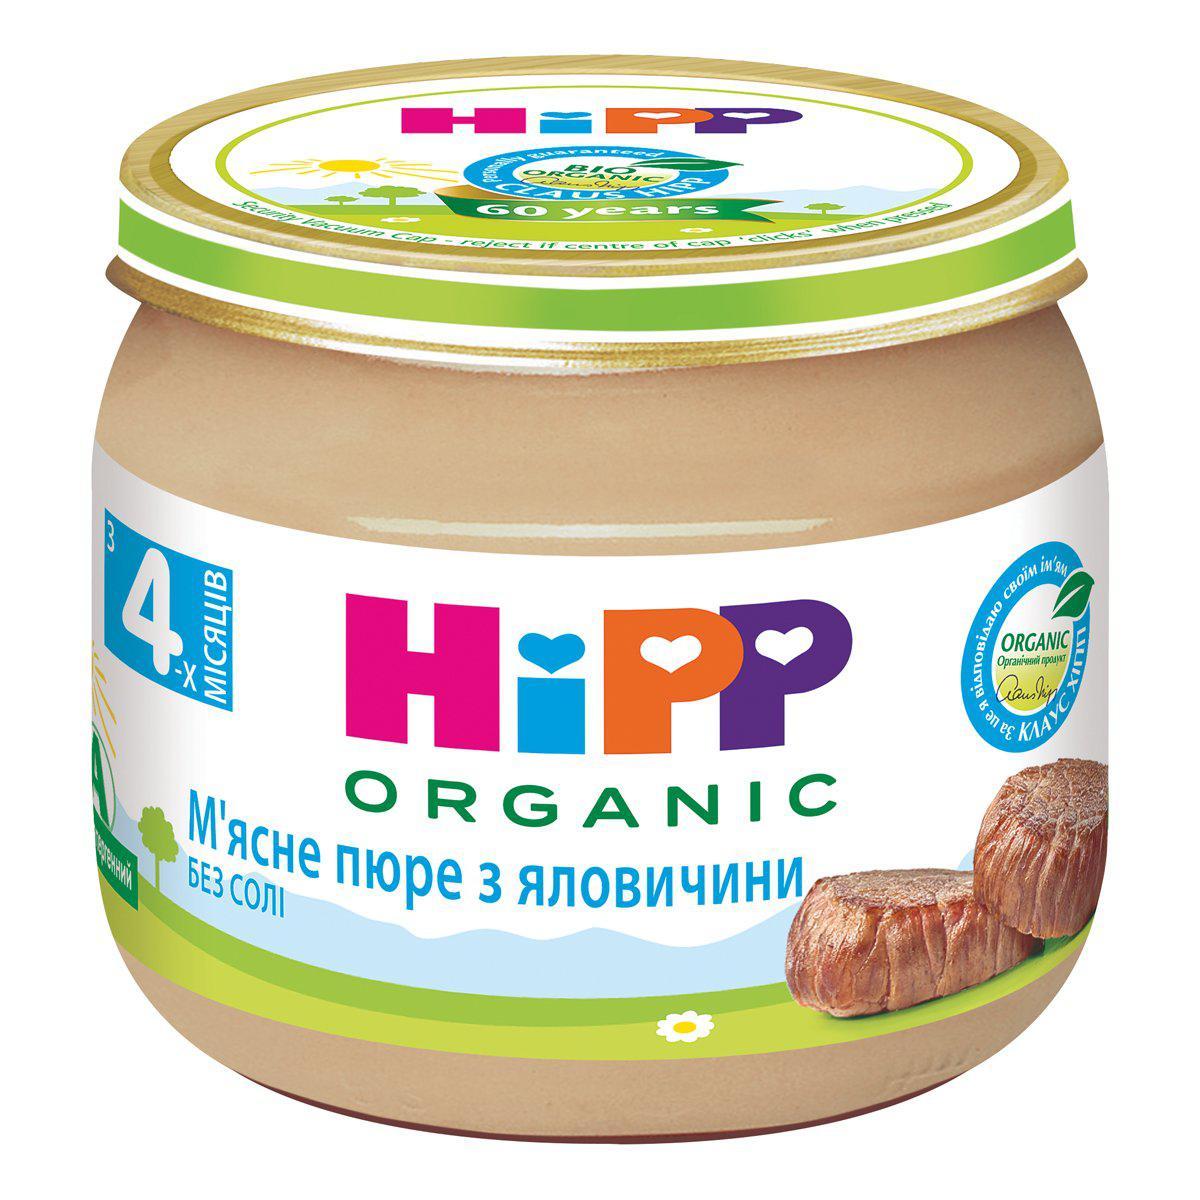 Пюре органическое мясное HiPP Говядина 80 г 6004 ТМ: HiPP - Антошка в Одессе